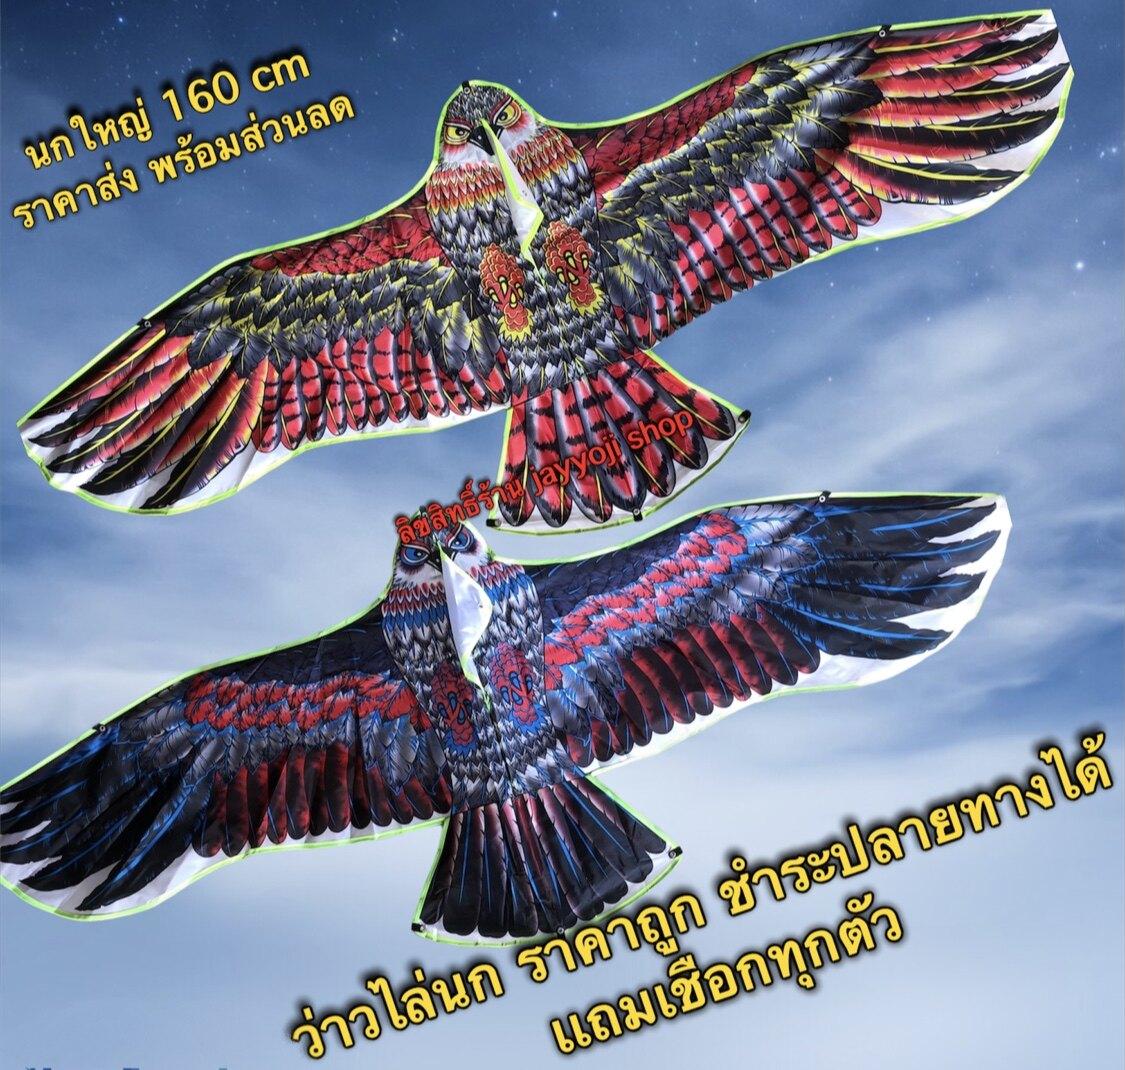 ถูกมากว่าวนก(ฟรีเชือก 11฿) ของเล่นเด็ก ไล่นกพิราบ นกขนาดใหญ่ 1.6 เมตร พร้อมส่งในไทย รวดเร็ว ถูกมากขายส่ง.